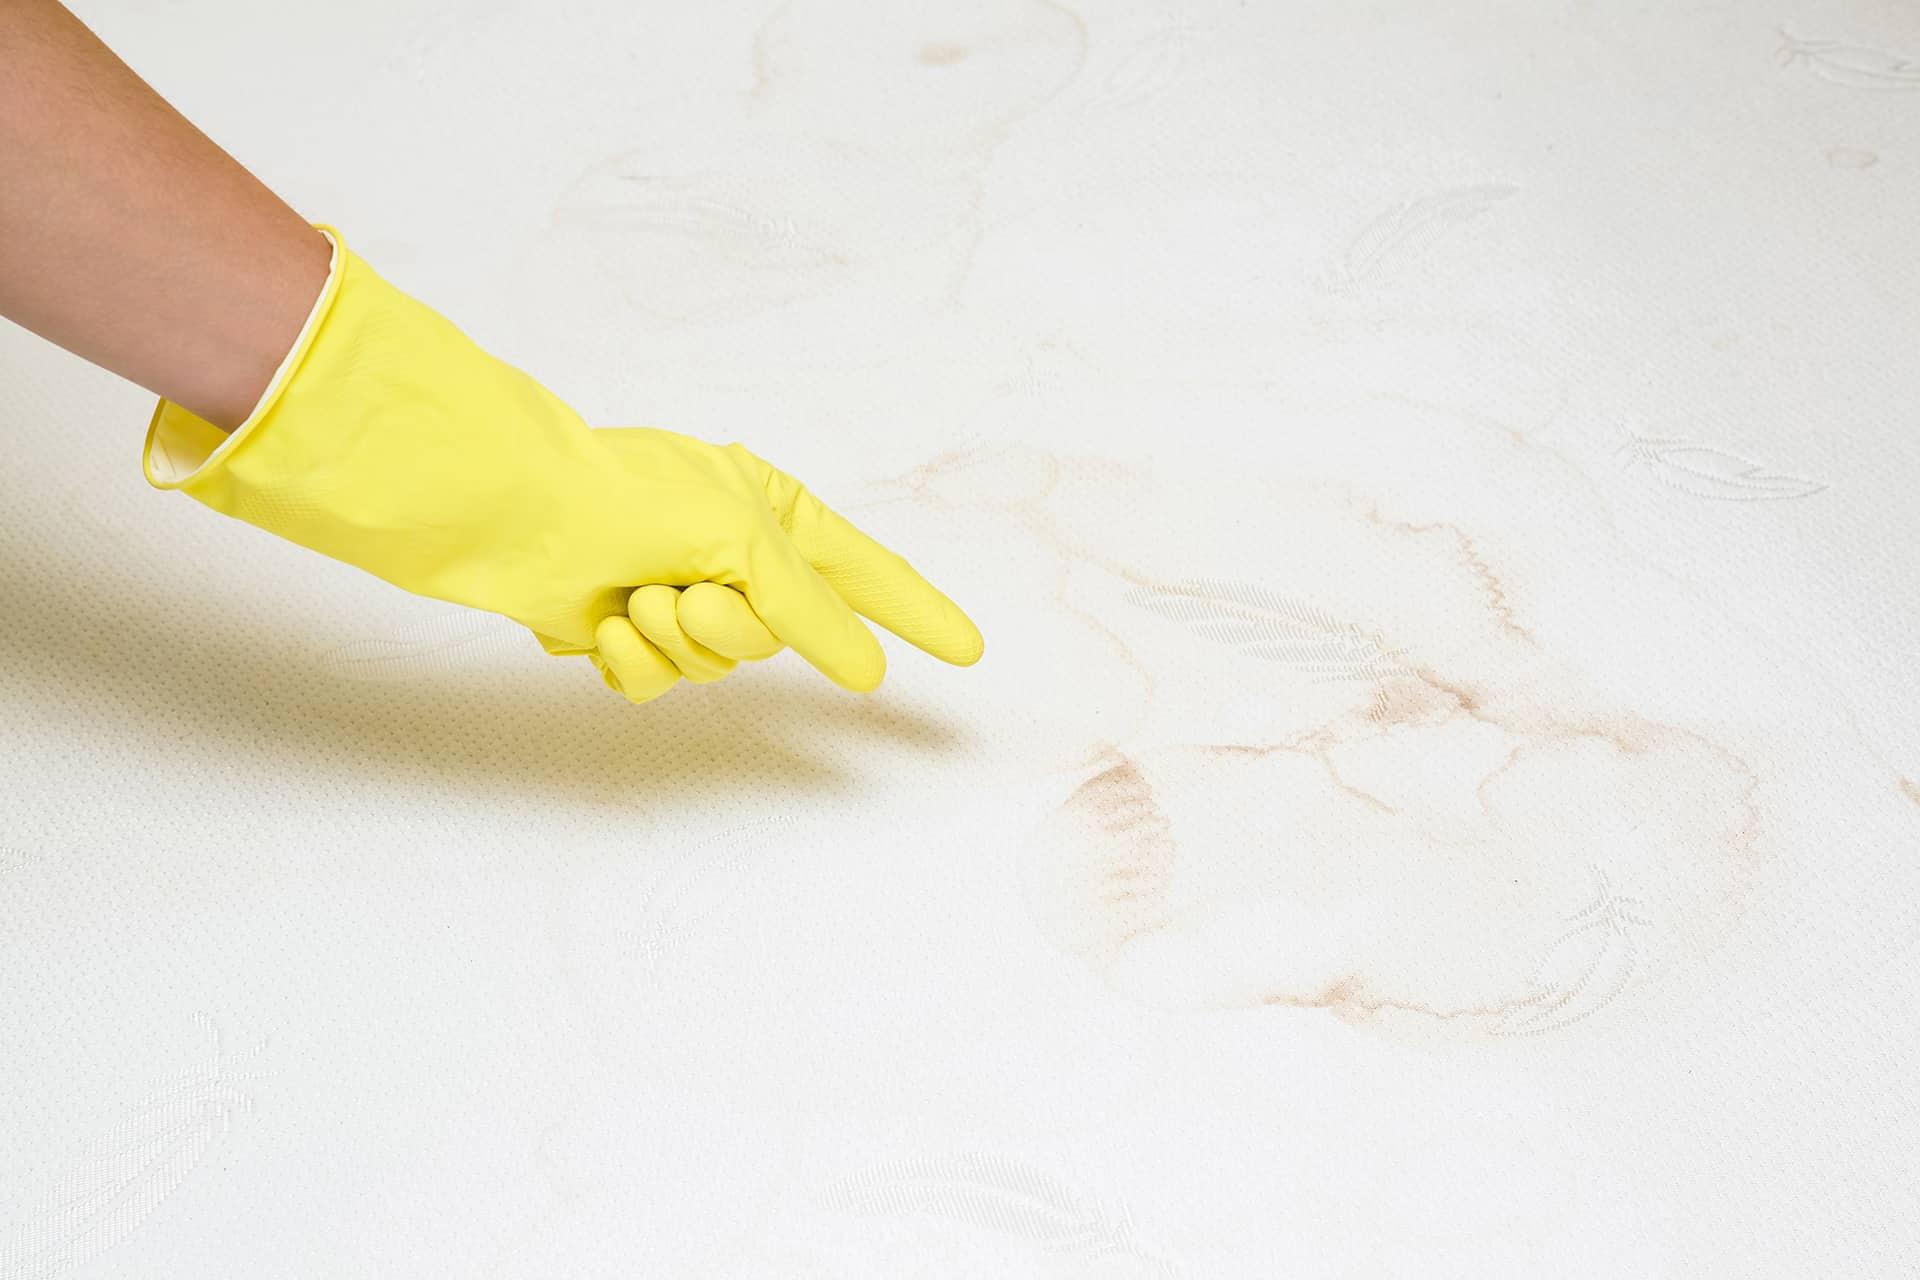 comment nettoyer urine sur un matelas